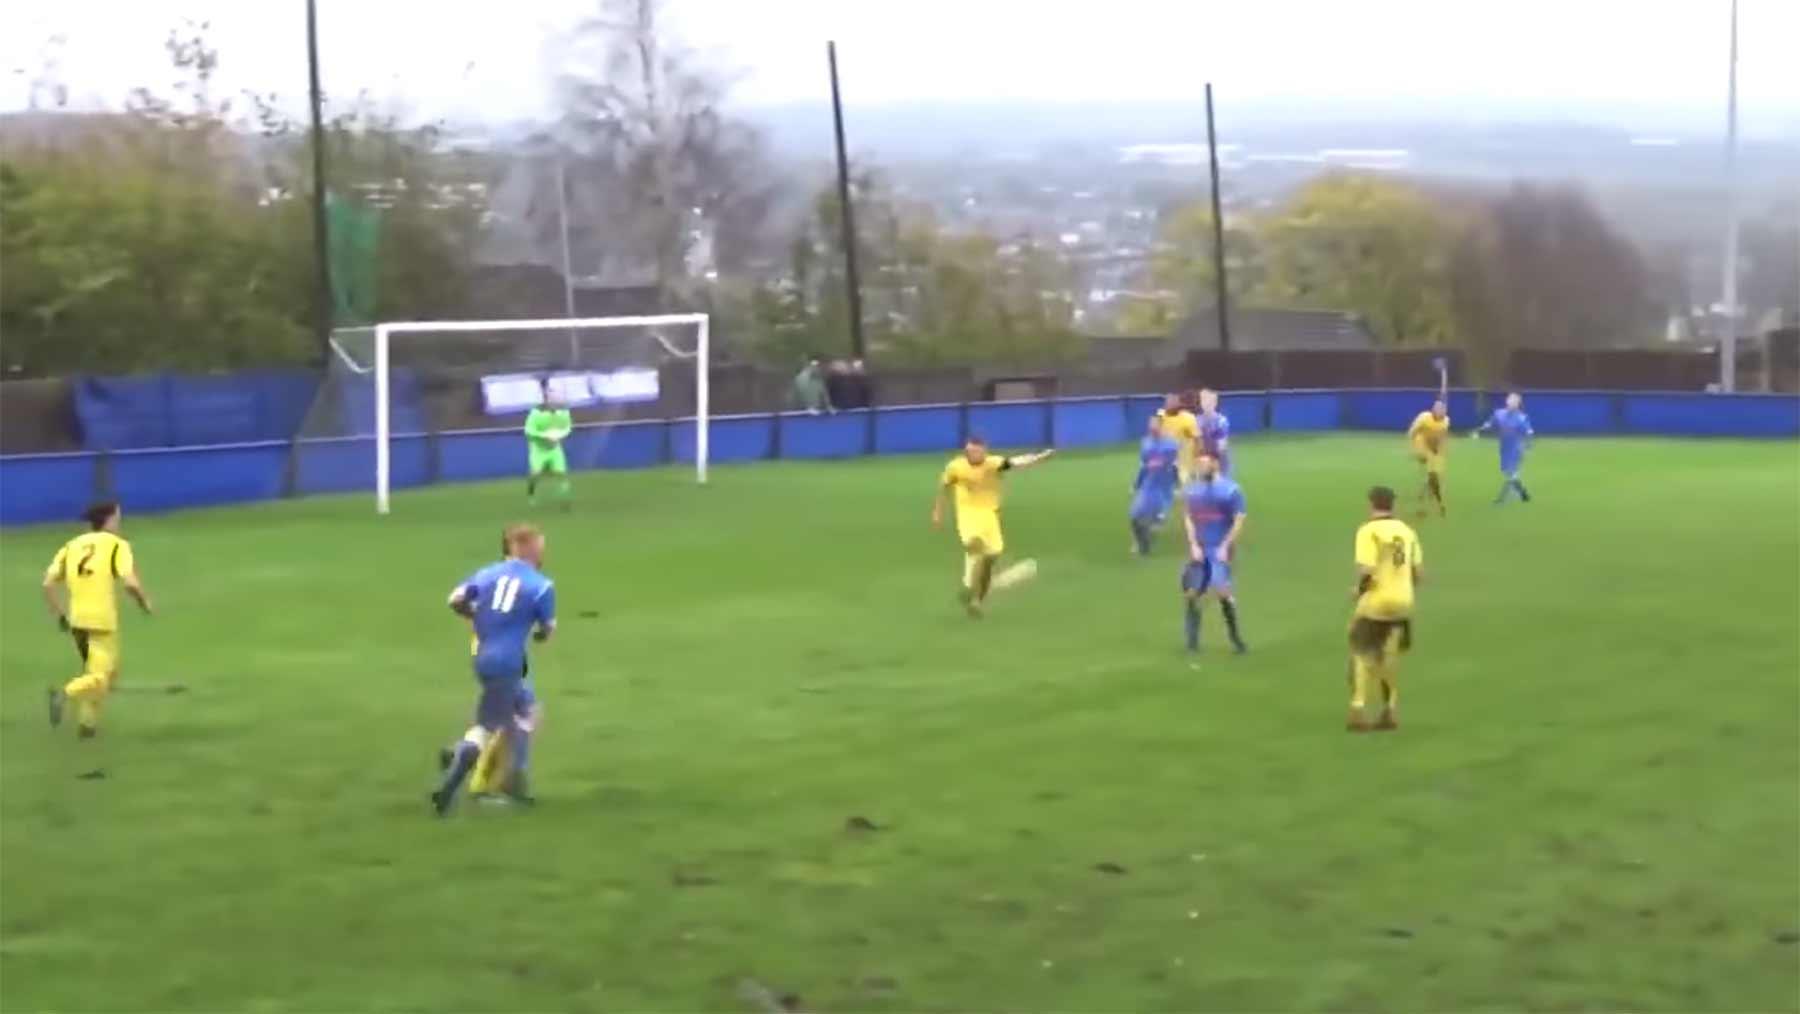 Die dramatischste letzte Minute eines Fußballspiels